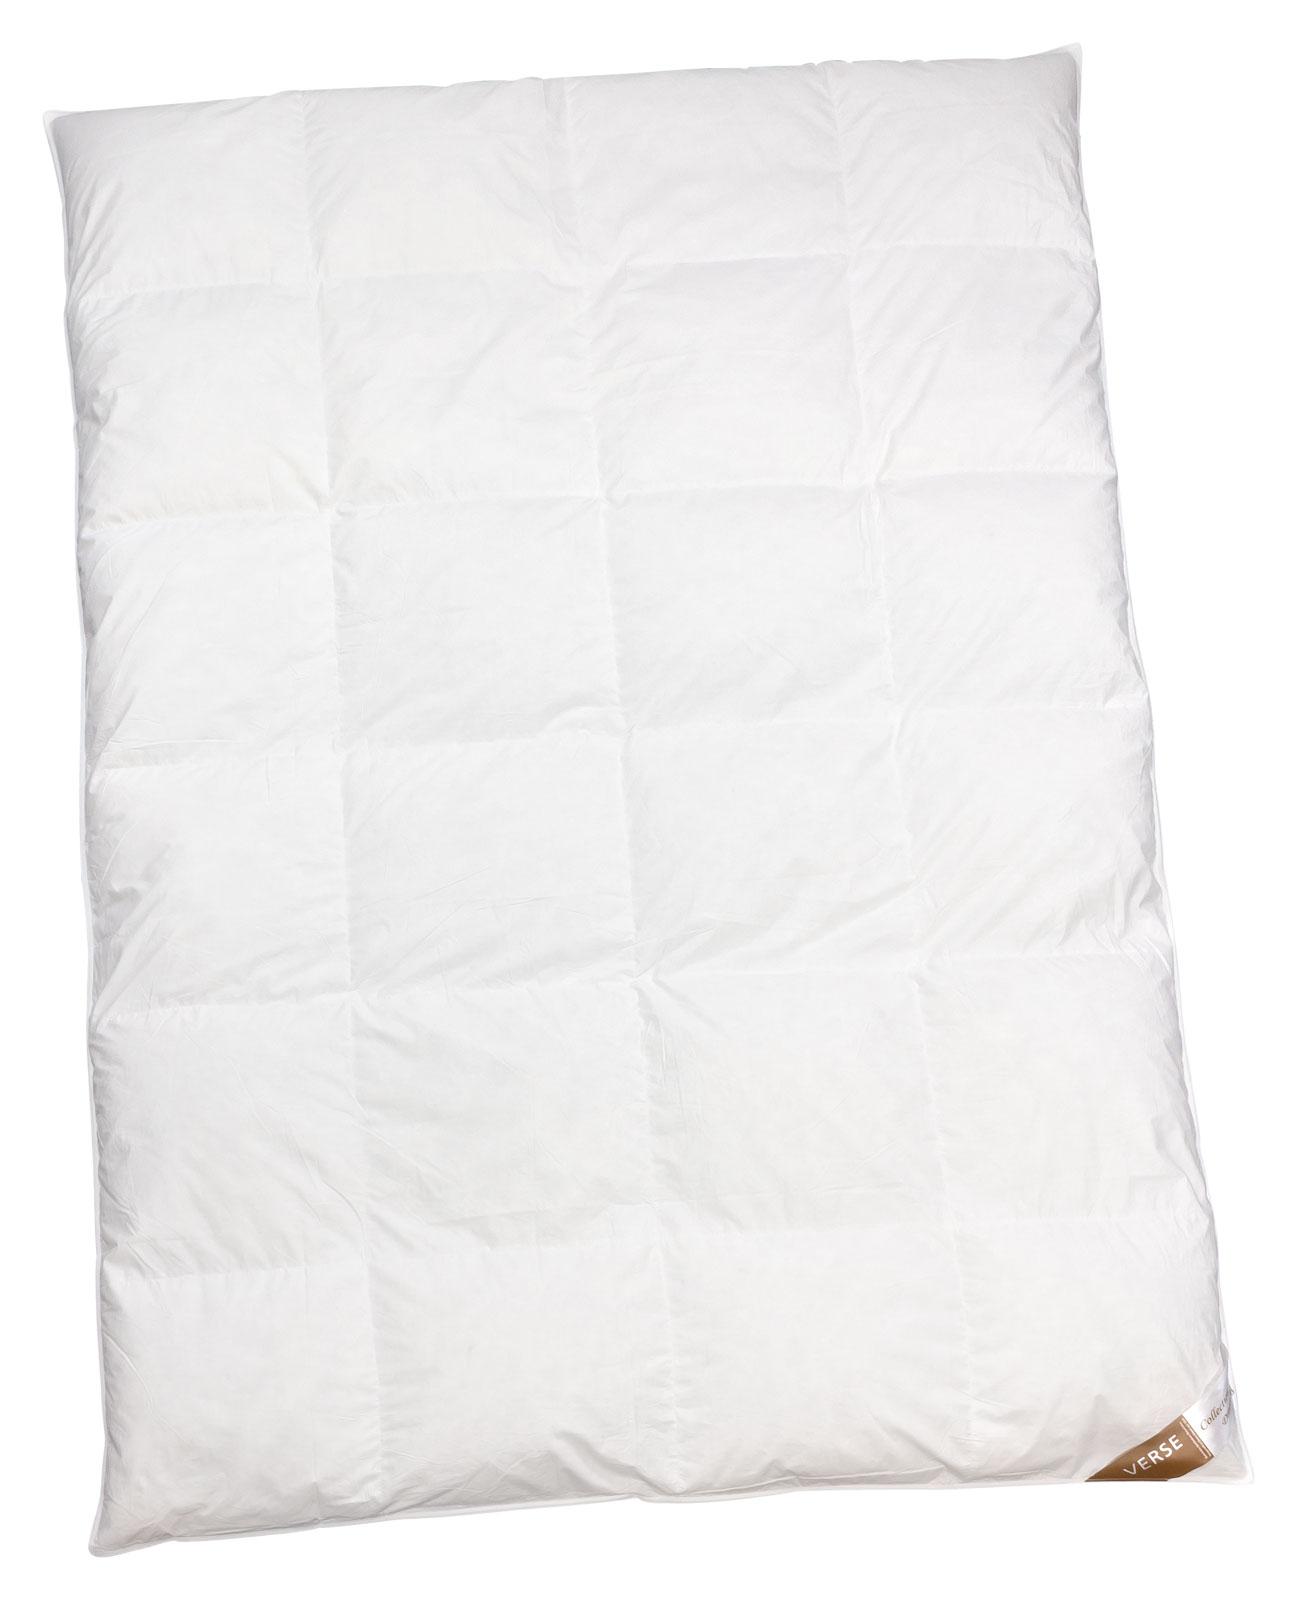 Bettdecken und Kopfkissen - Ganzjahresdecke warm Daunen Bettdecke 200x220 Verse Collection Dreaming  - Onlineshop PremiumShop321